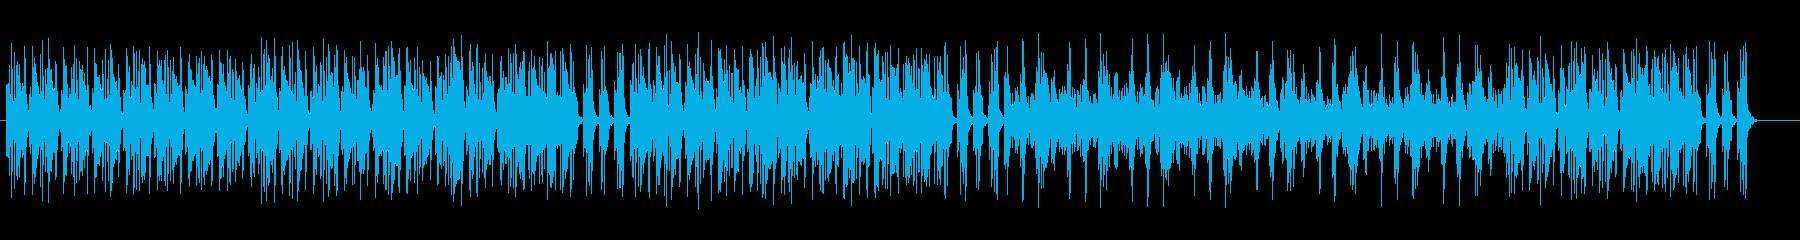 ダークで意味深なテクノミュージックの再生済みの波形